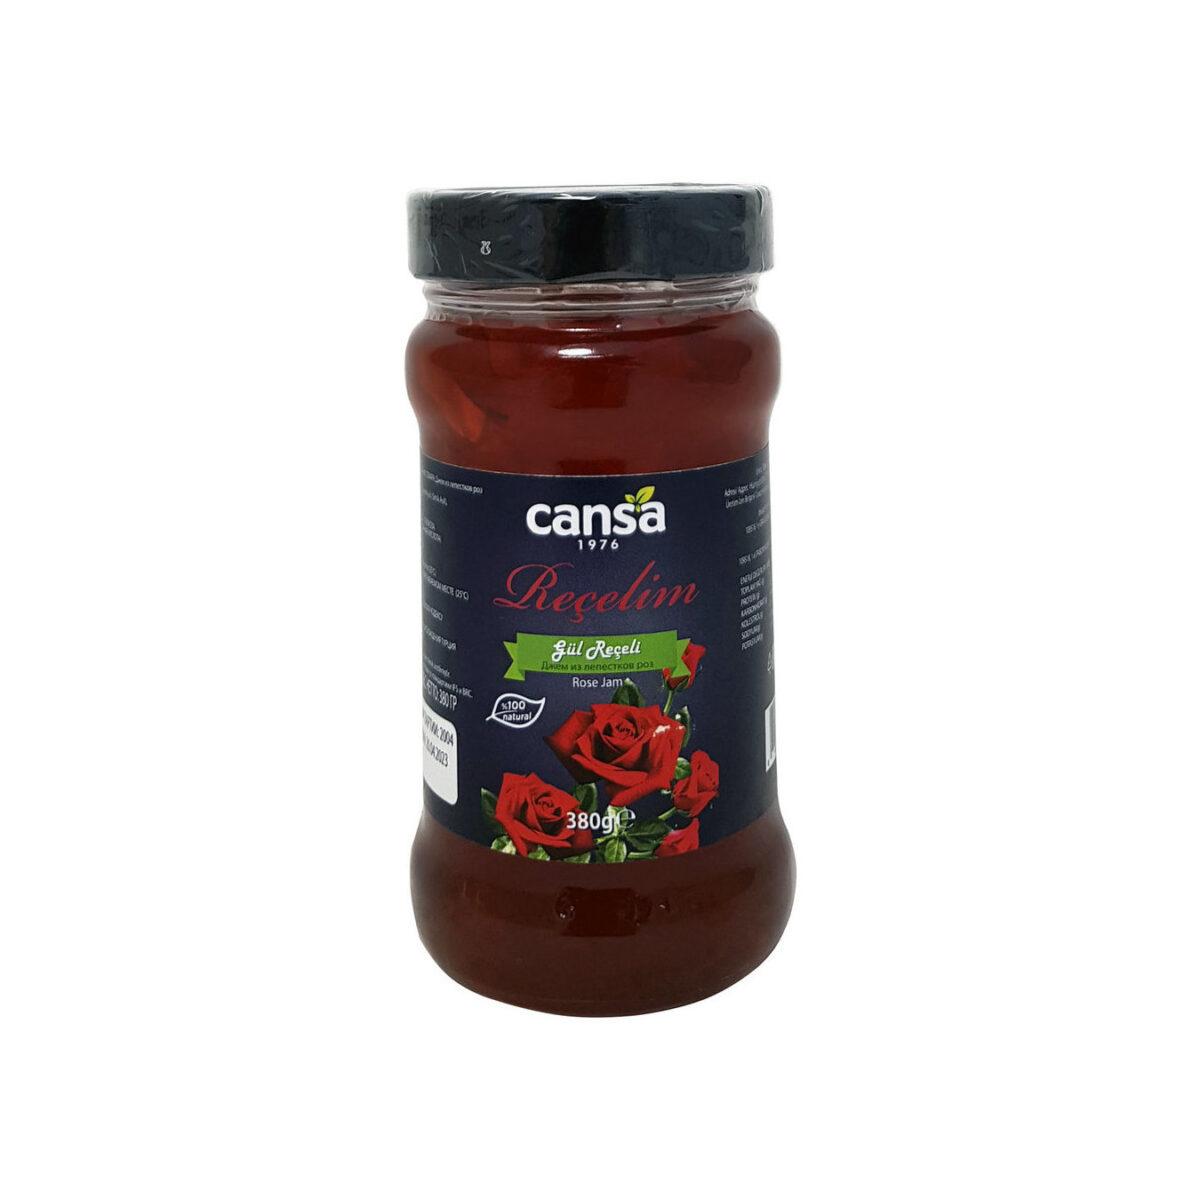 Турецкое варенье из лепестков роз, «Cansa», Gul receli